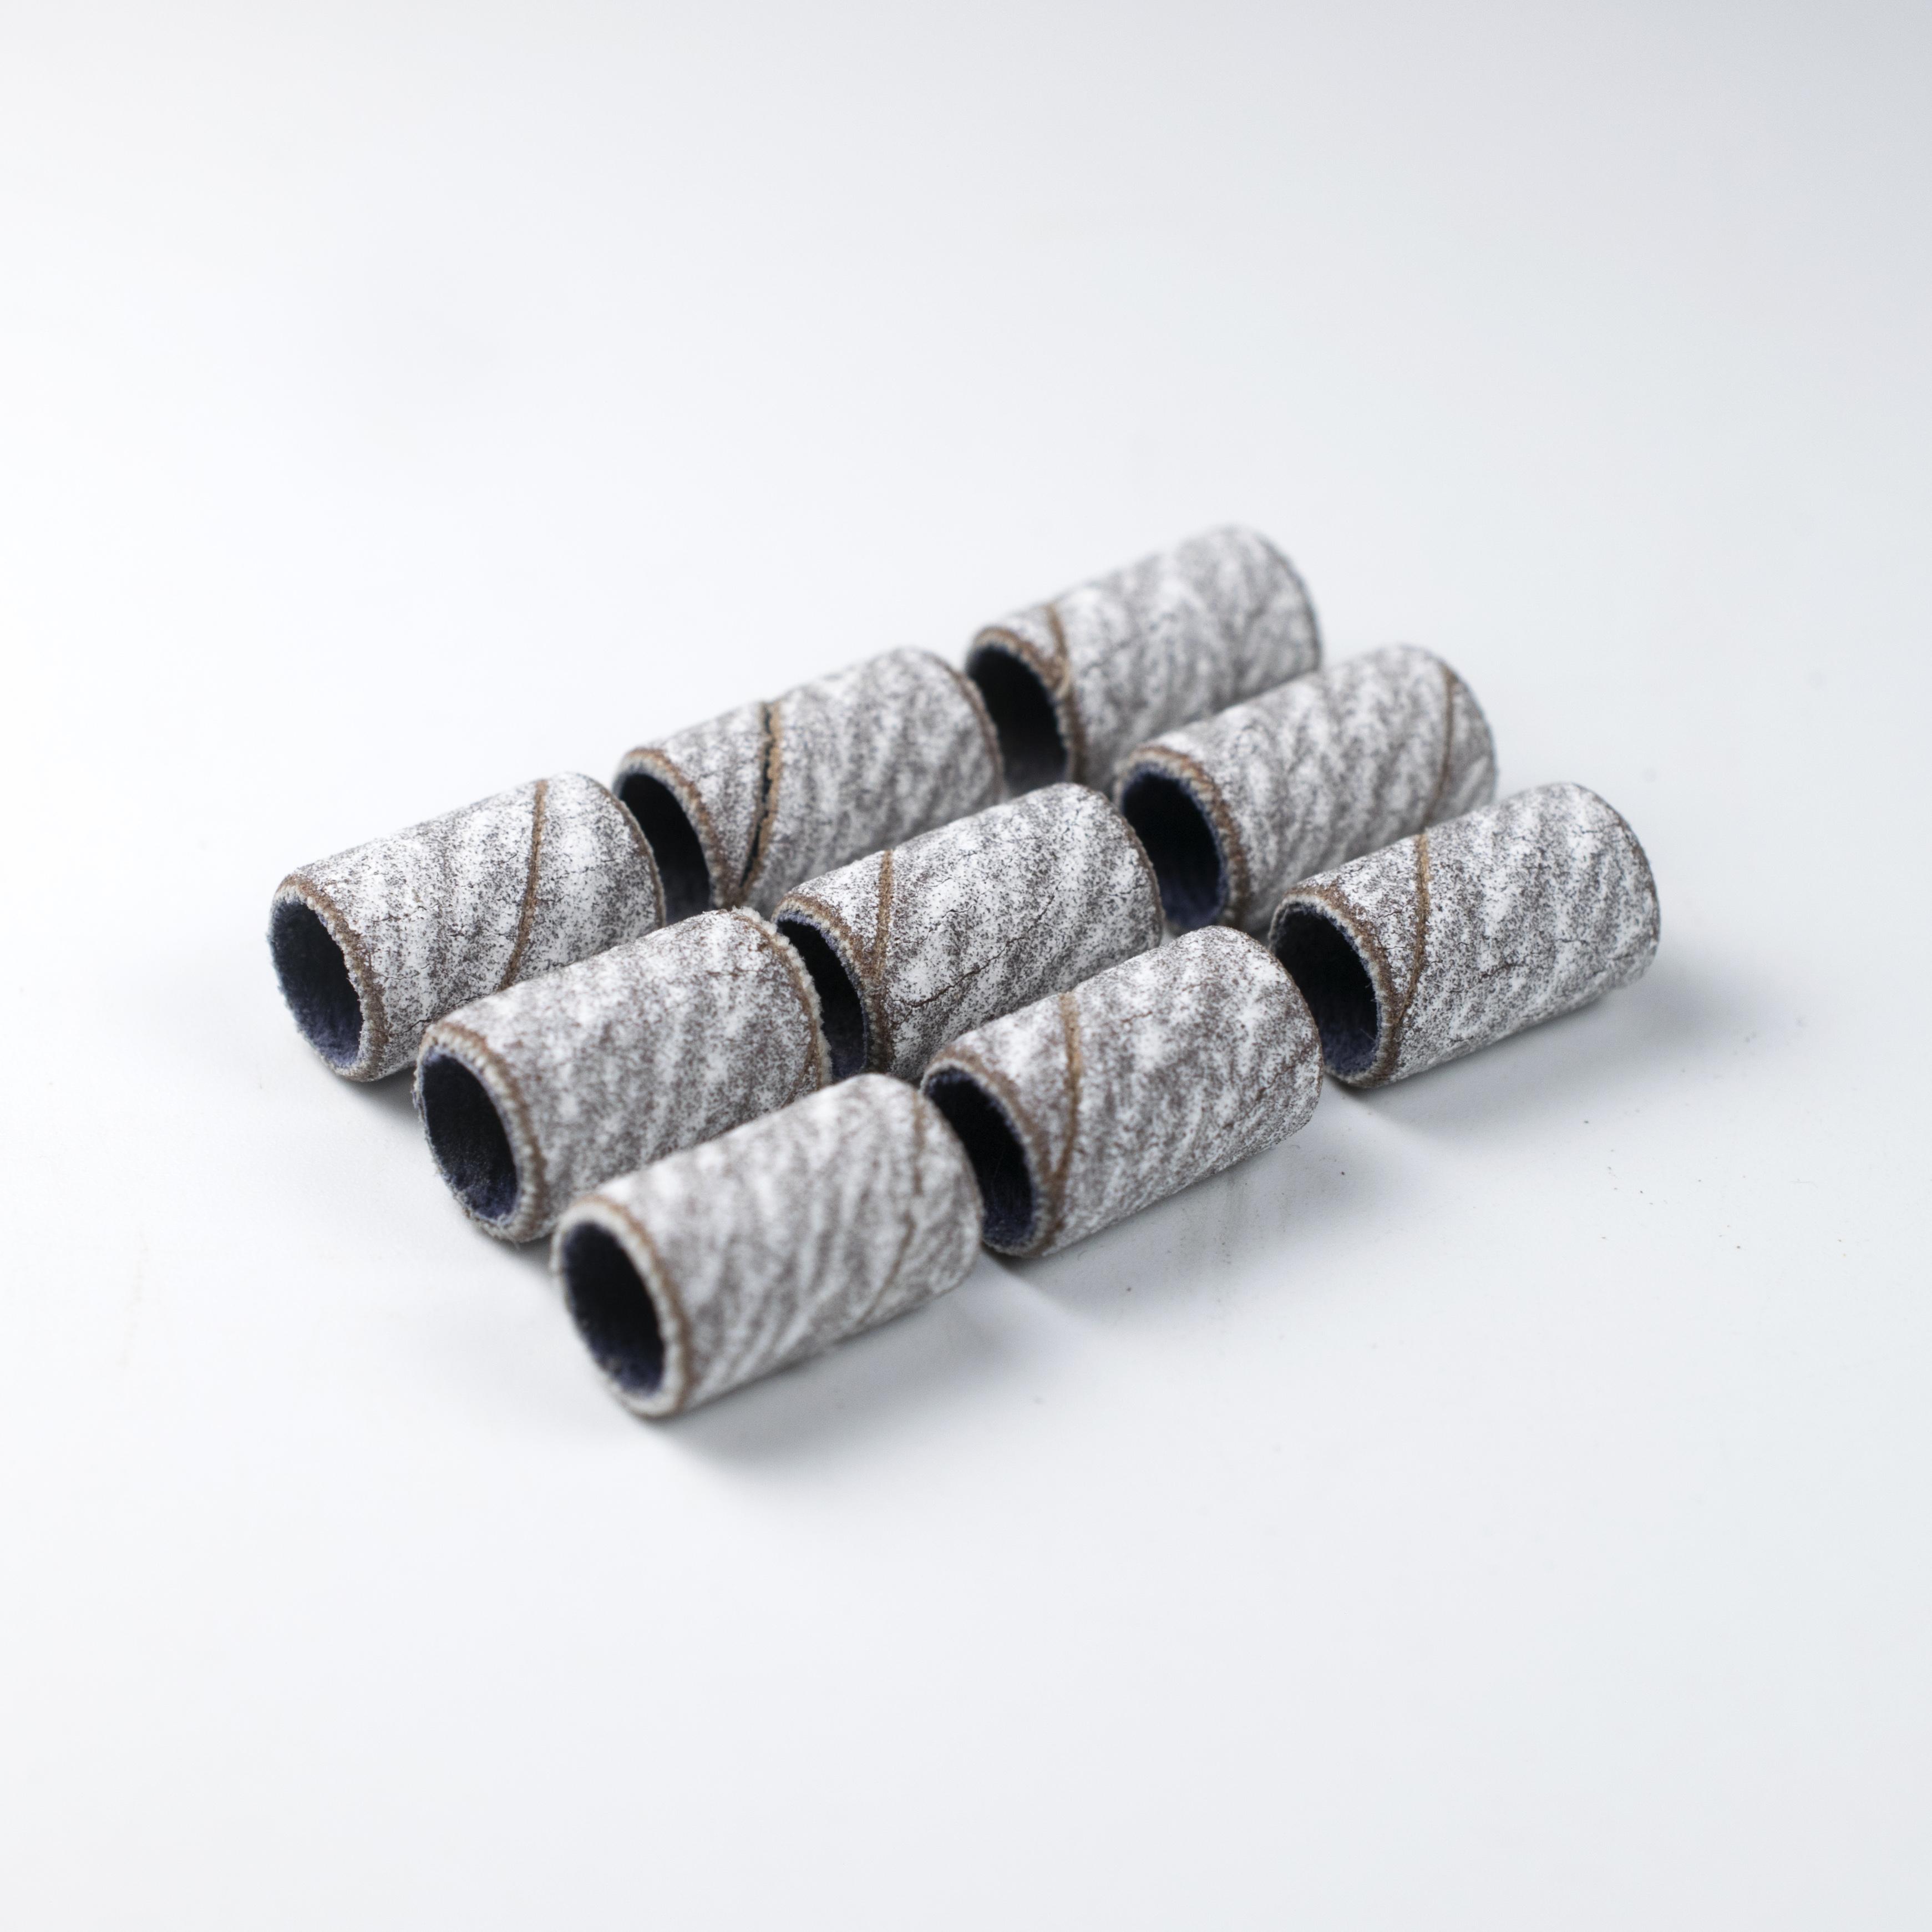 Размер #80 #120 #180 шлифовальная лента для маникюра, педикюра Сменные биты для ногтей